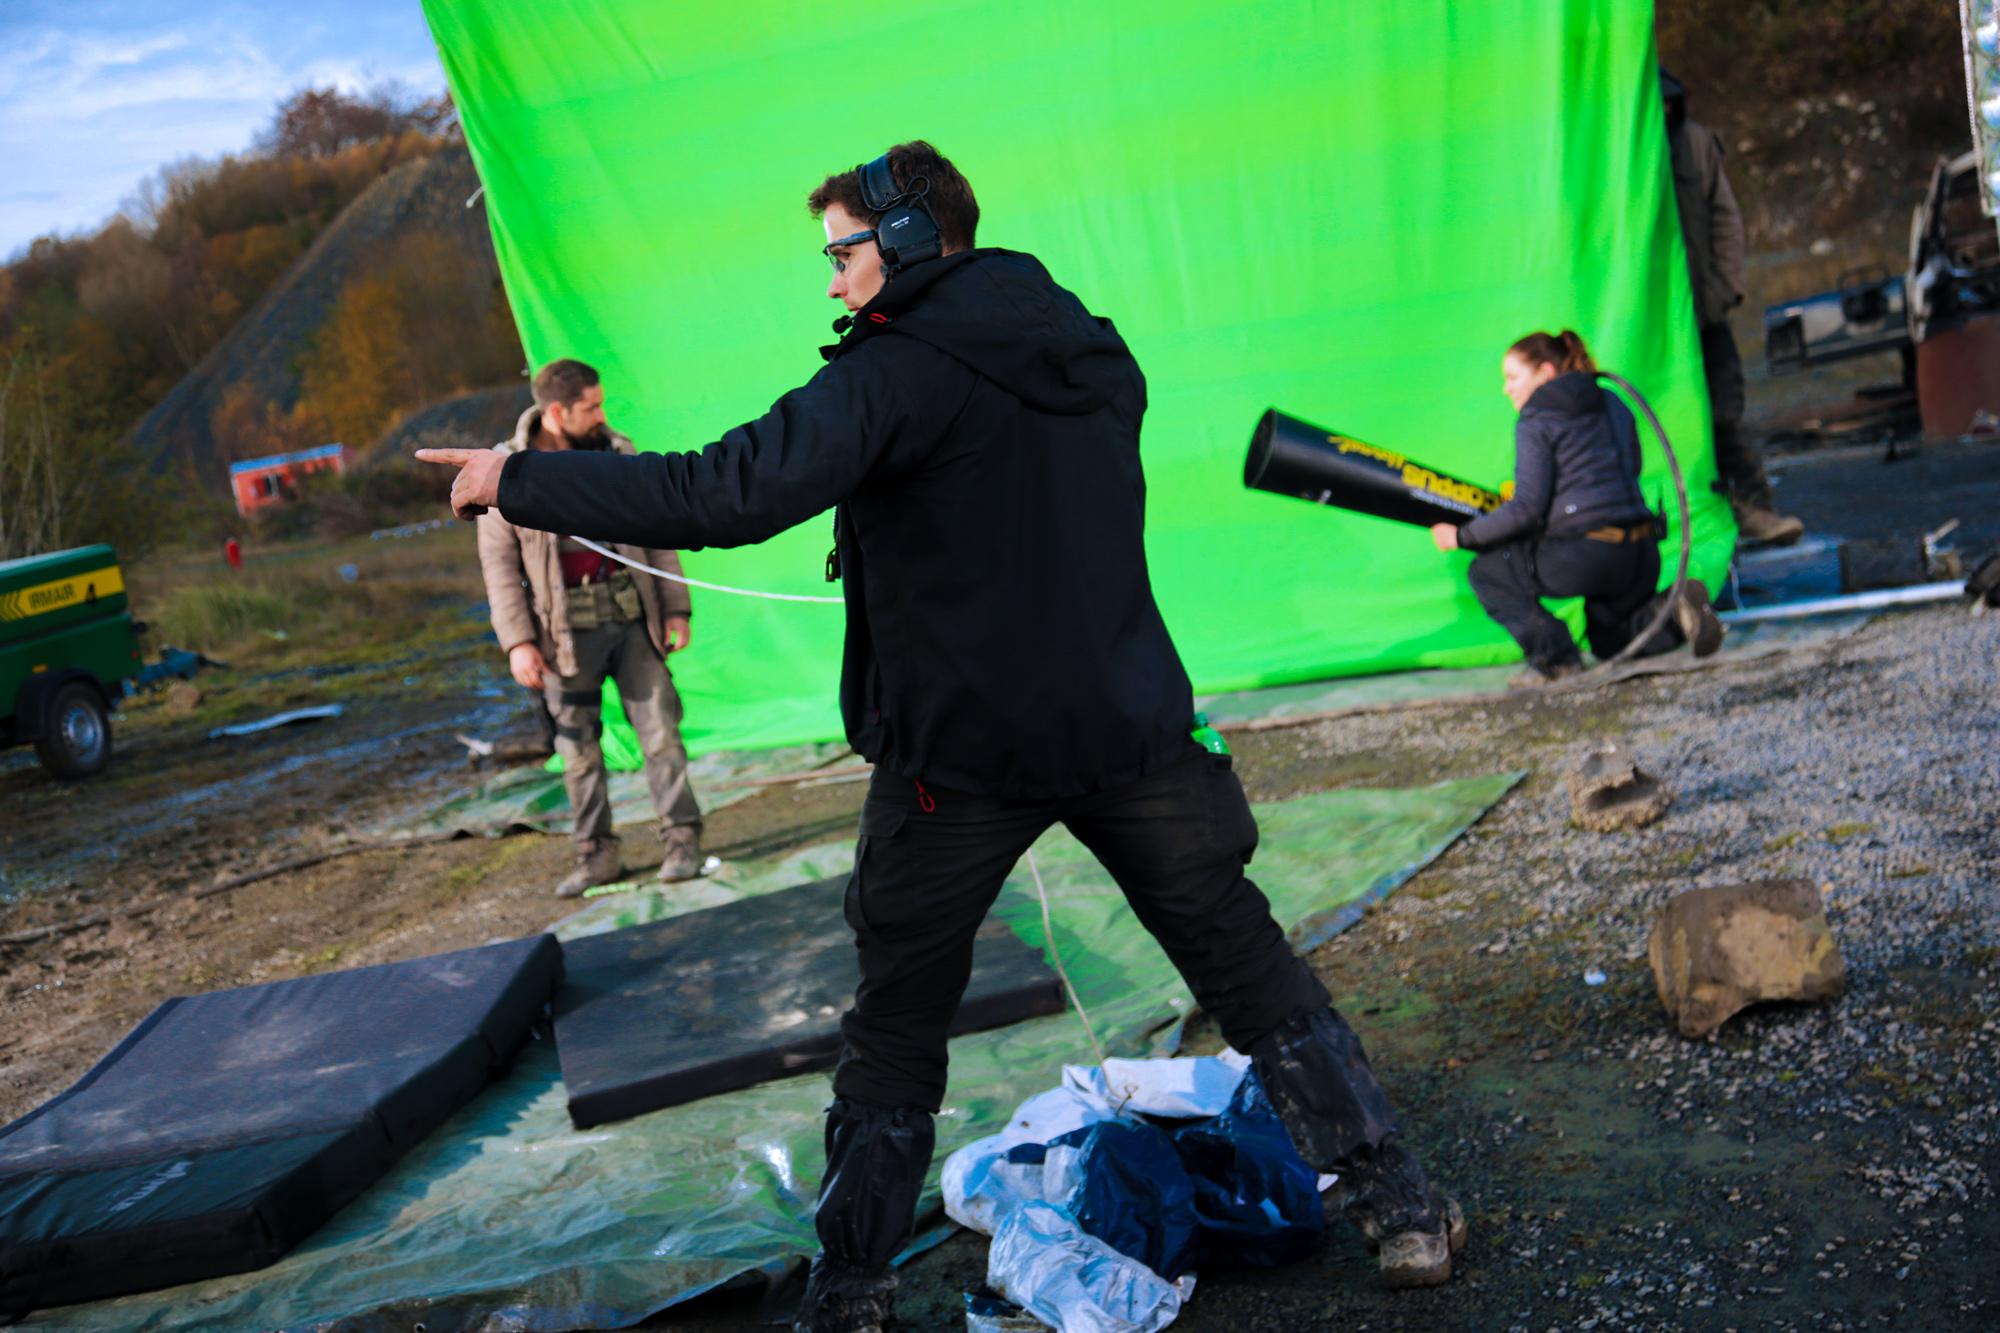 MG ACTION, Stunt Koordination , Stunt deutschland, Action Design, Full Action Service